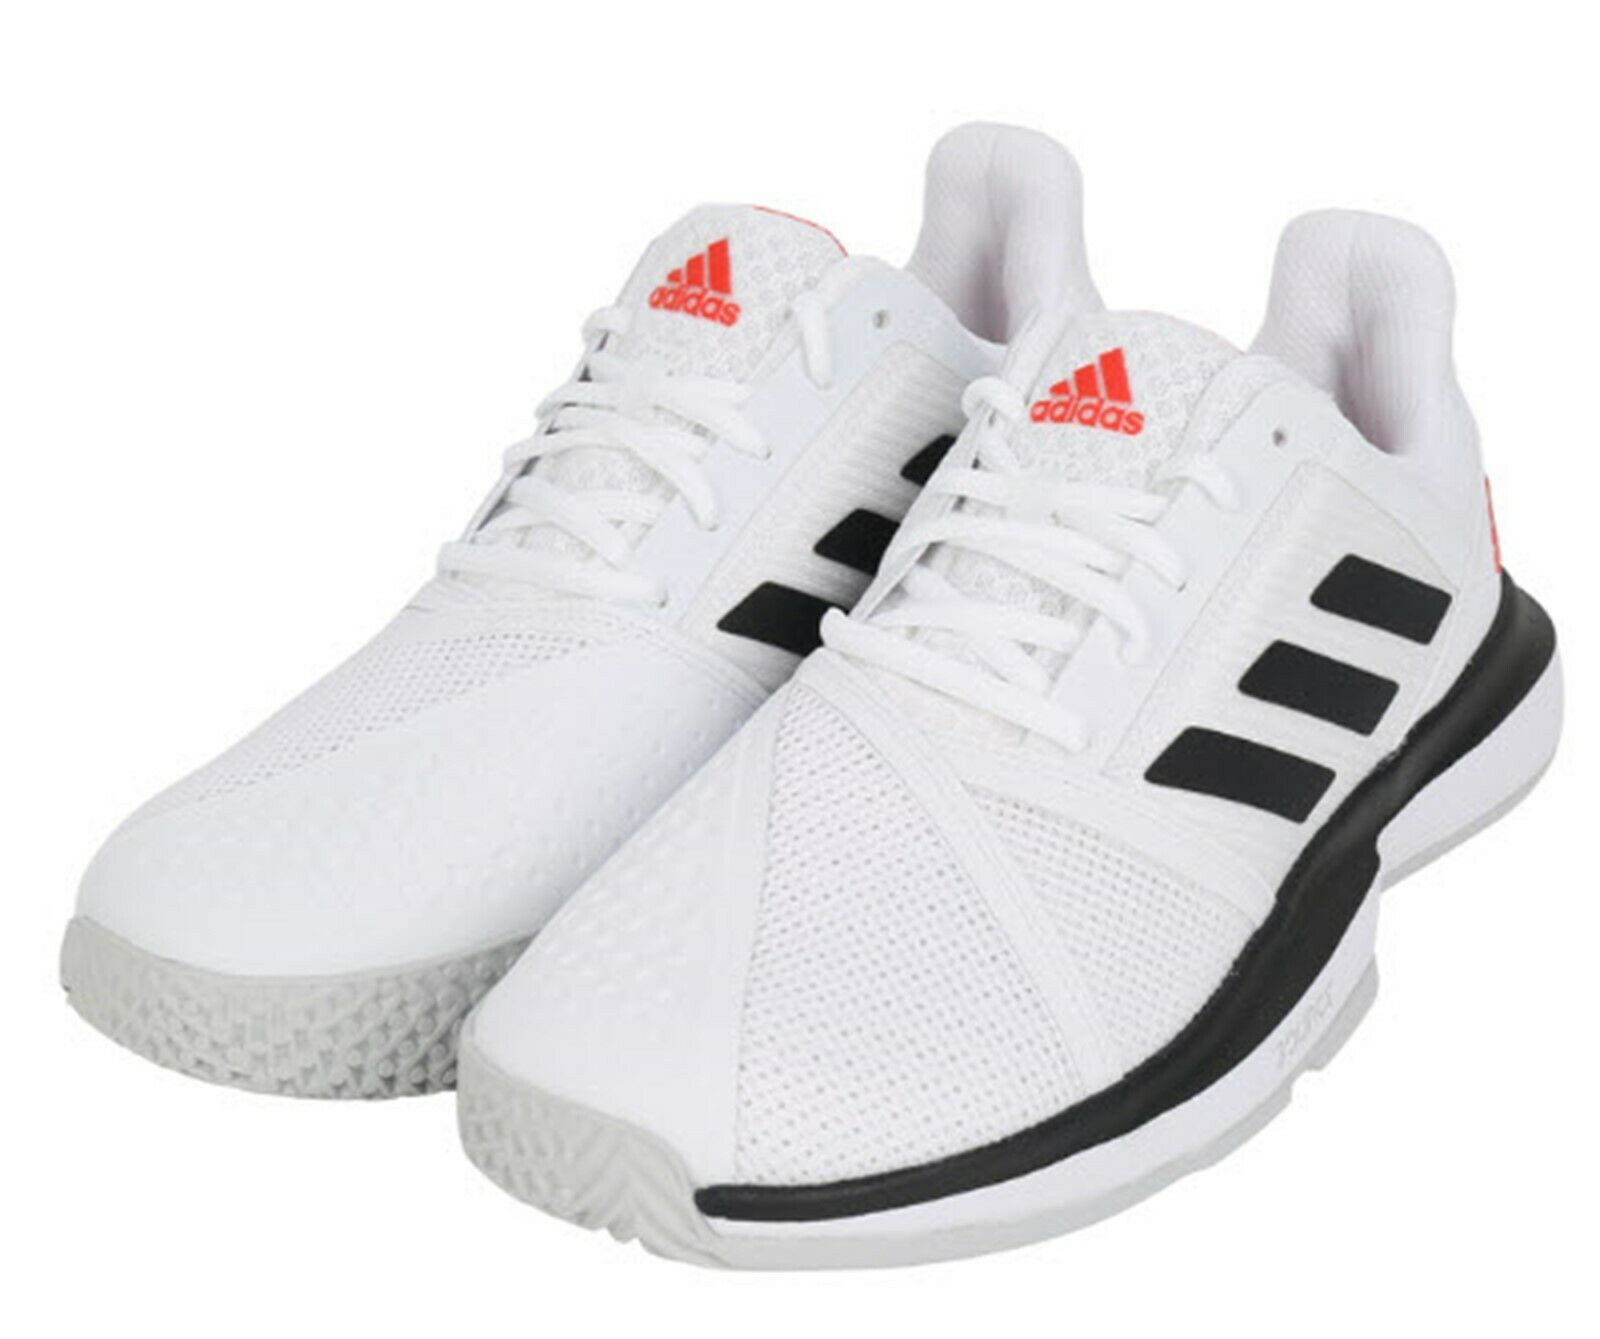 Adidas Men Court JAM Tennis schuhe Running Weiß Training Turnschuhe schuhe EE4320